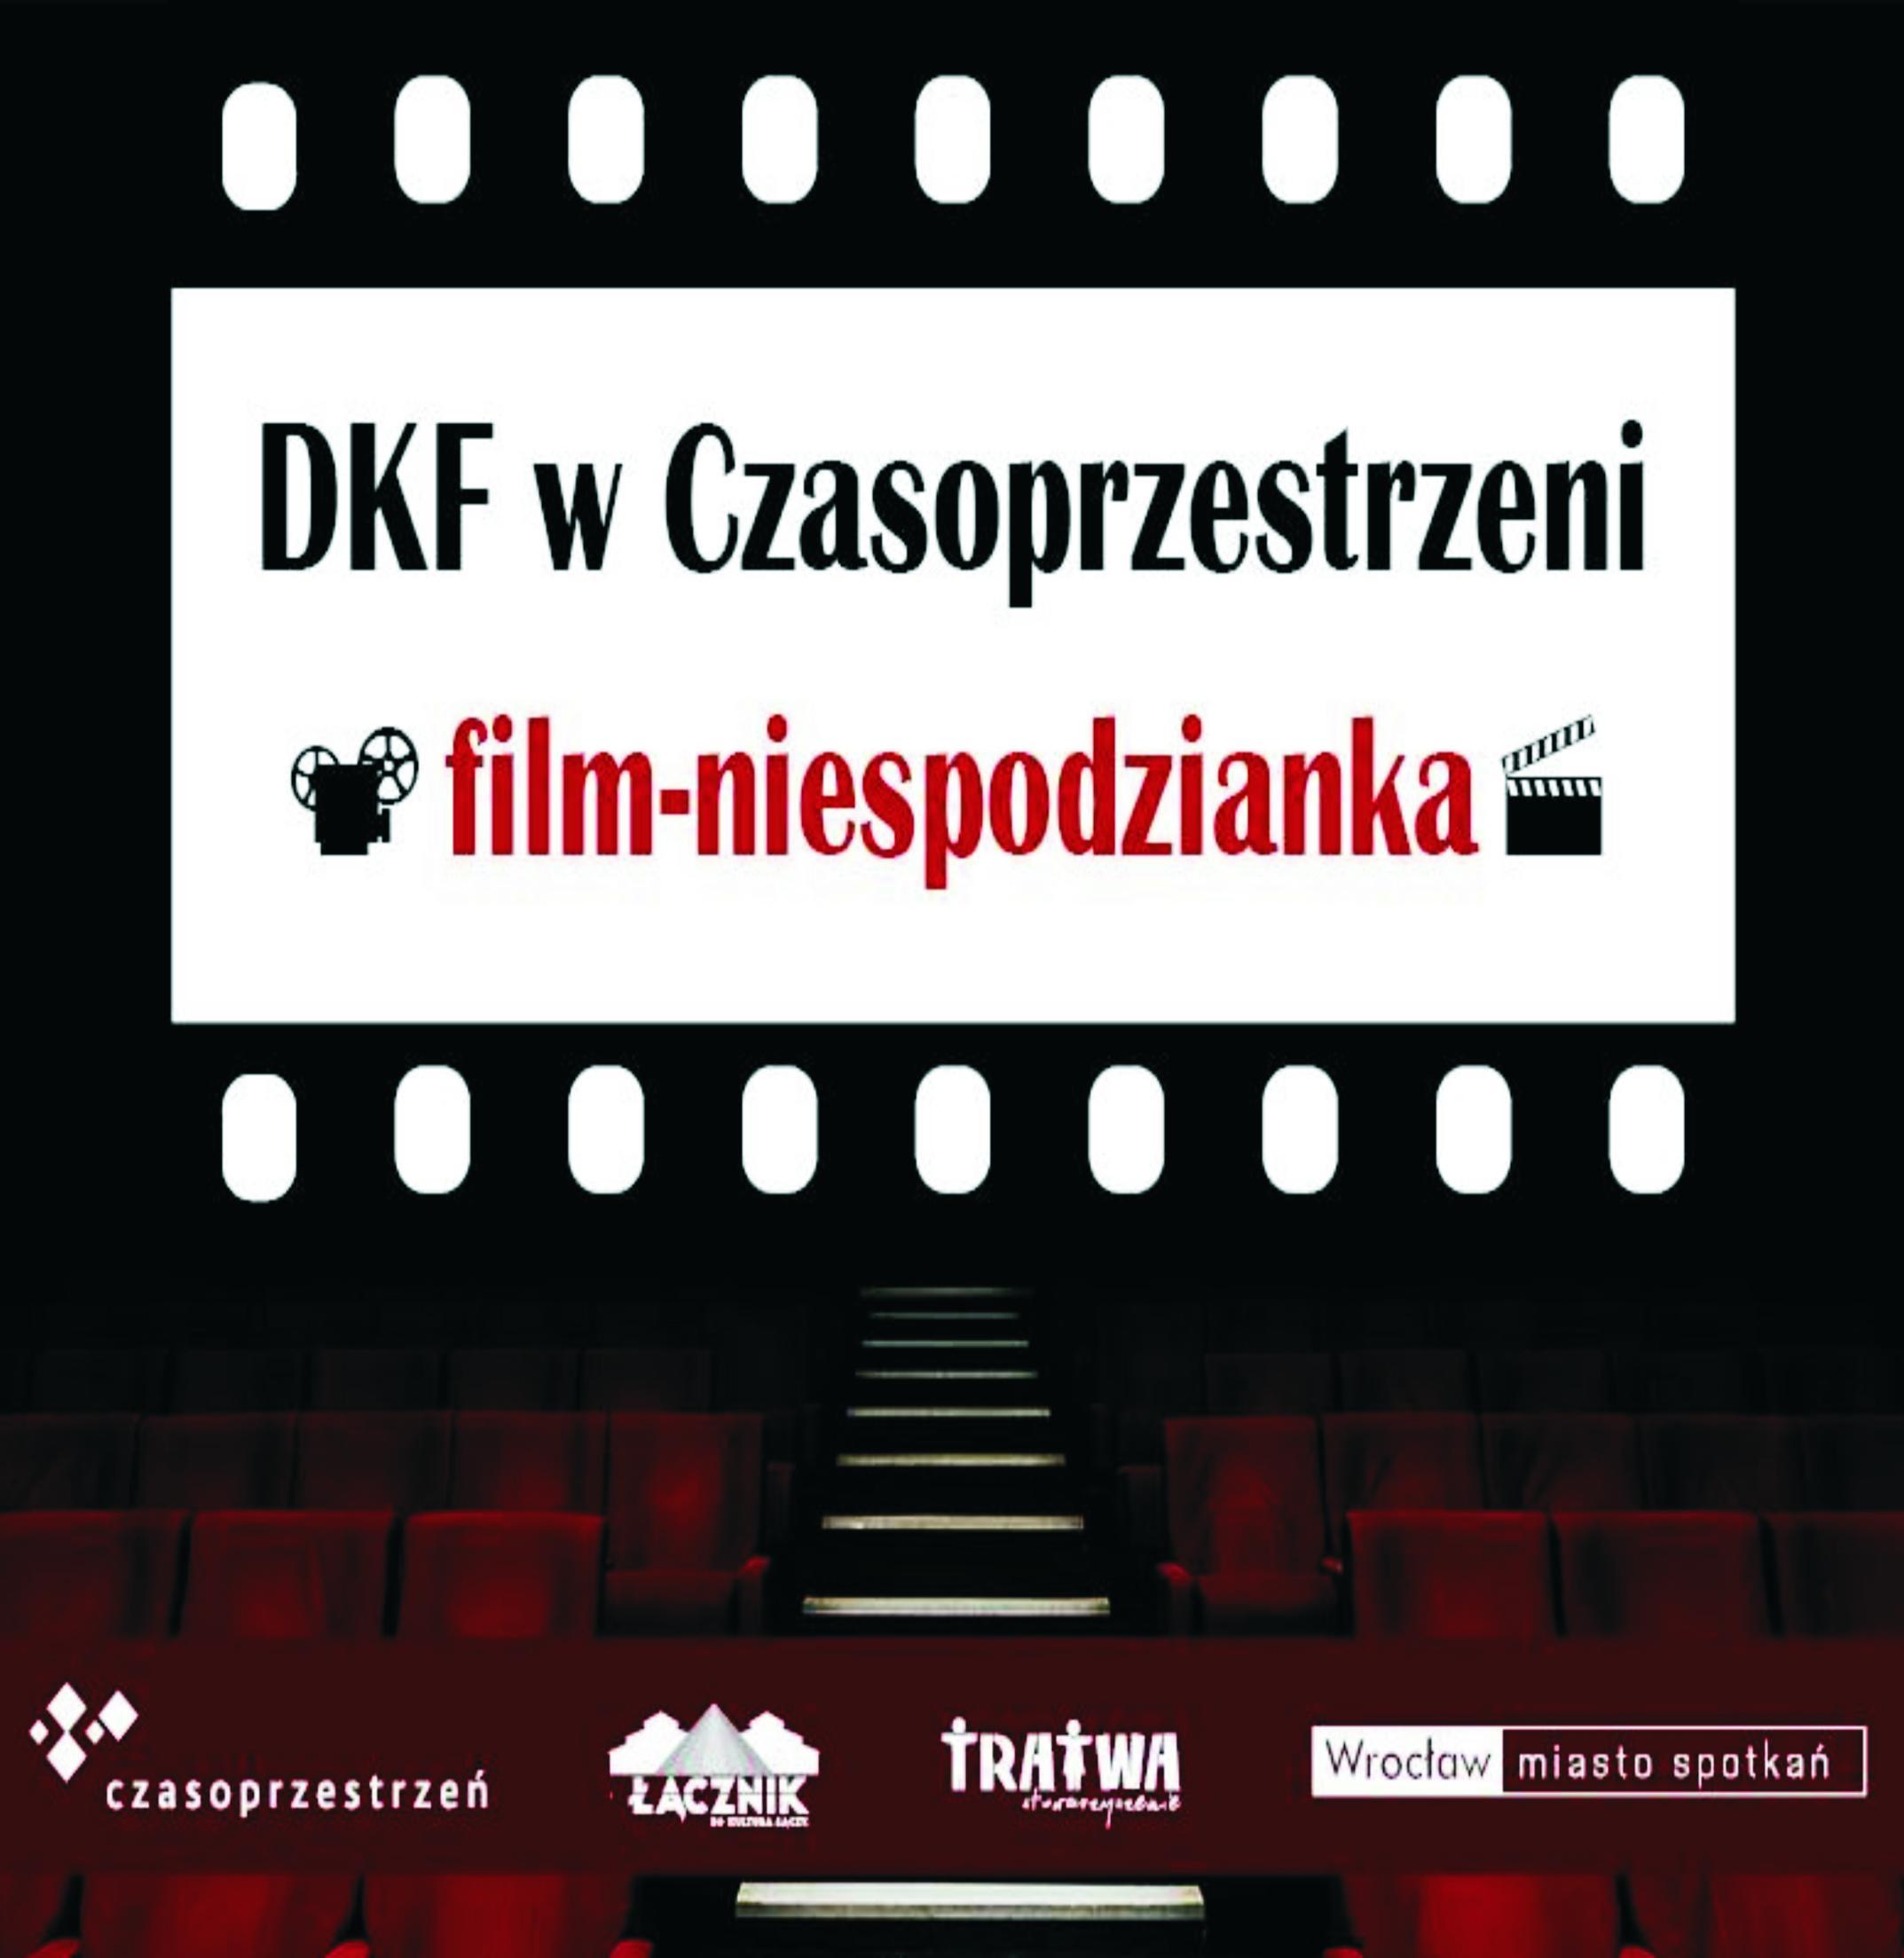 Film niespodzianka - DKF w Czasoprzestrzeni